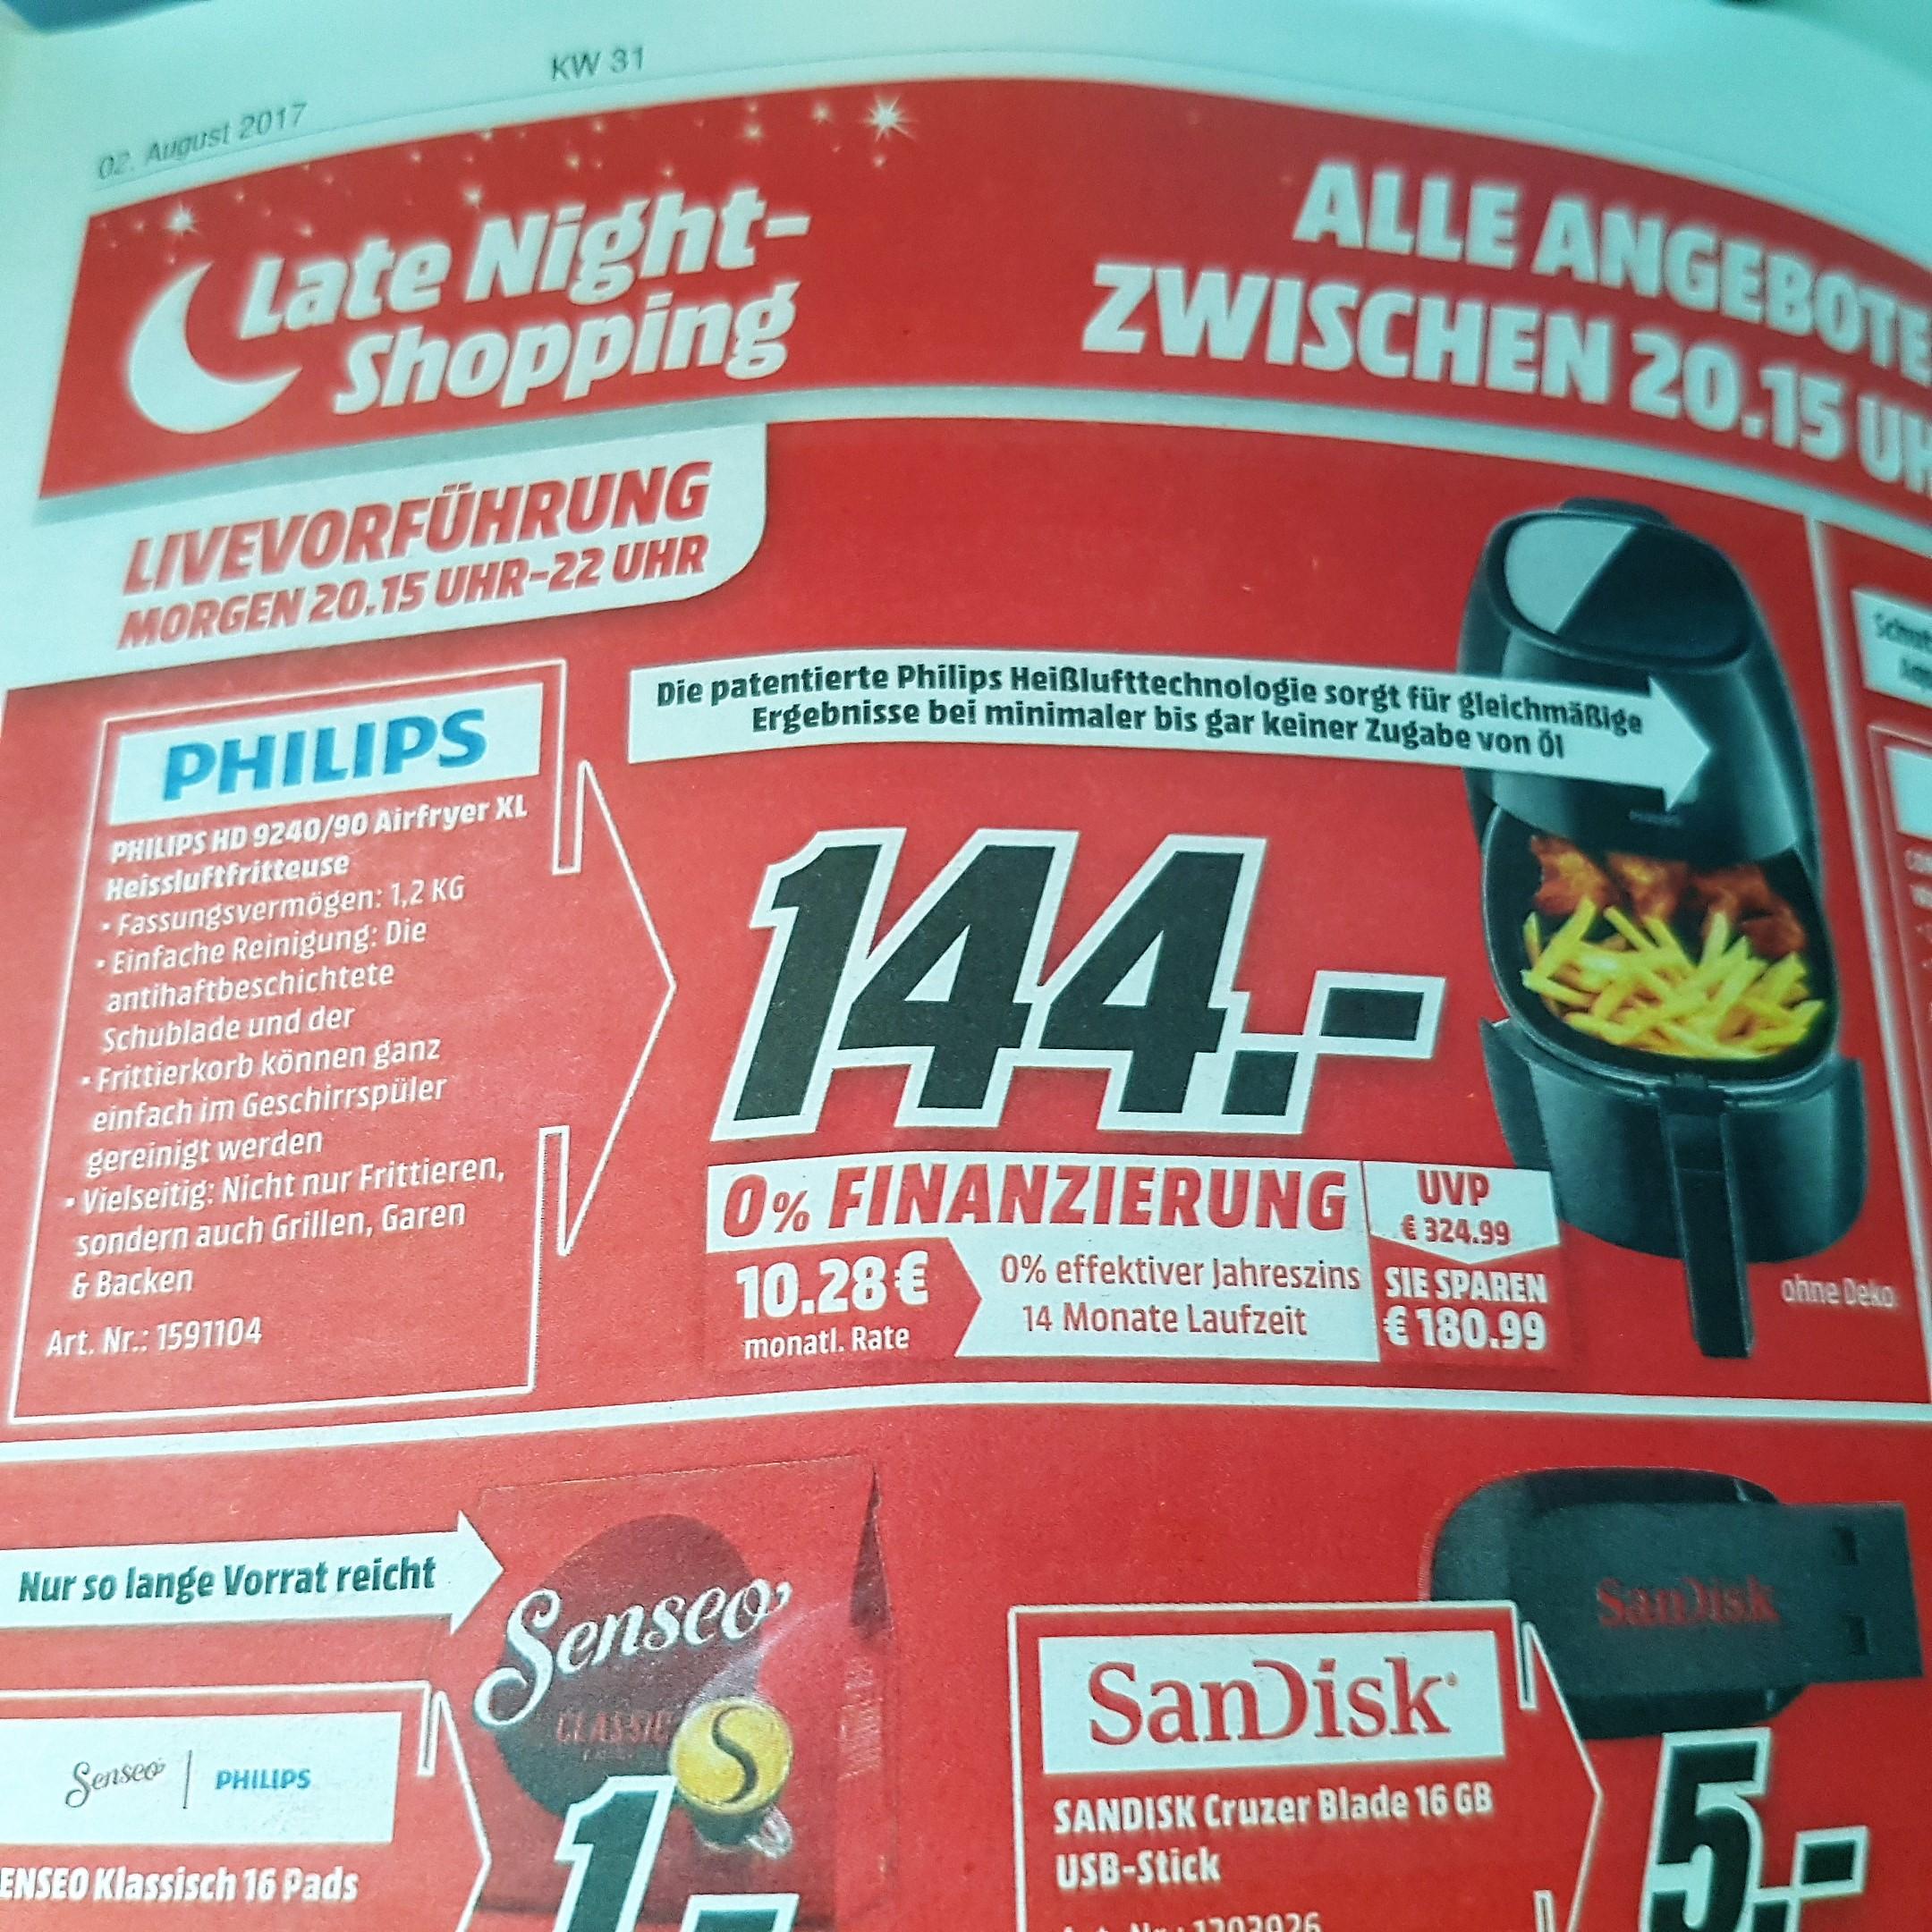 (Lokal Eschweiler MediaMarkt) Philips HD9240/90 Airfryer XL für 144€, Für Clubmitglieder(und die, die werden möchten) PVG 183,99€